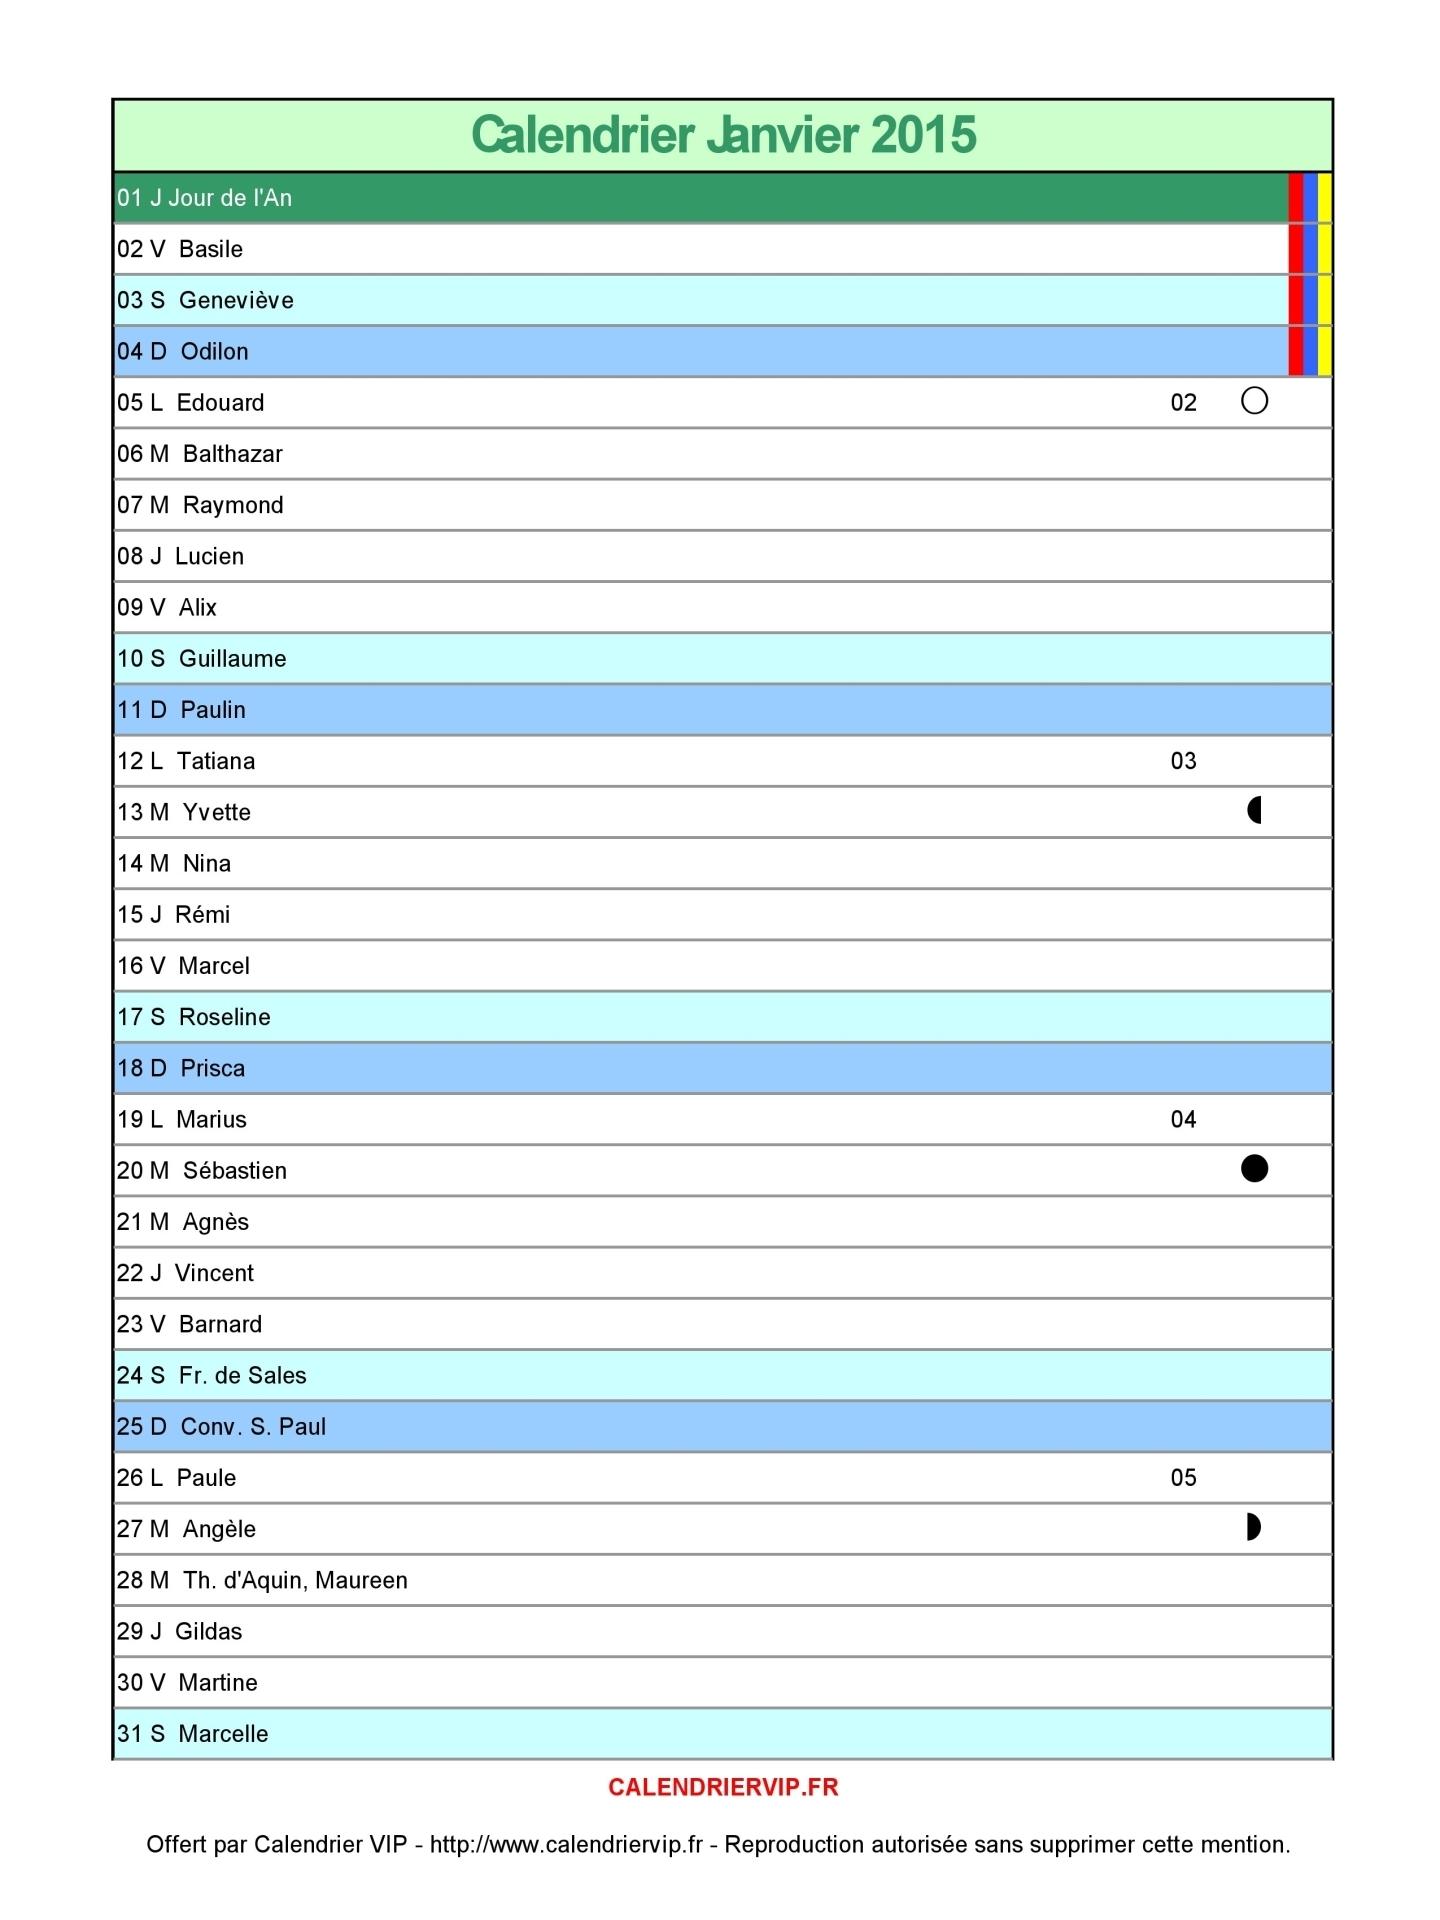 Calendrier Format Excel.Calendrier Janvier 2015 A Imprimer Gratuit En Pdf Et Excel